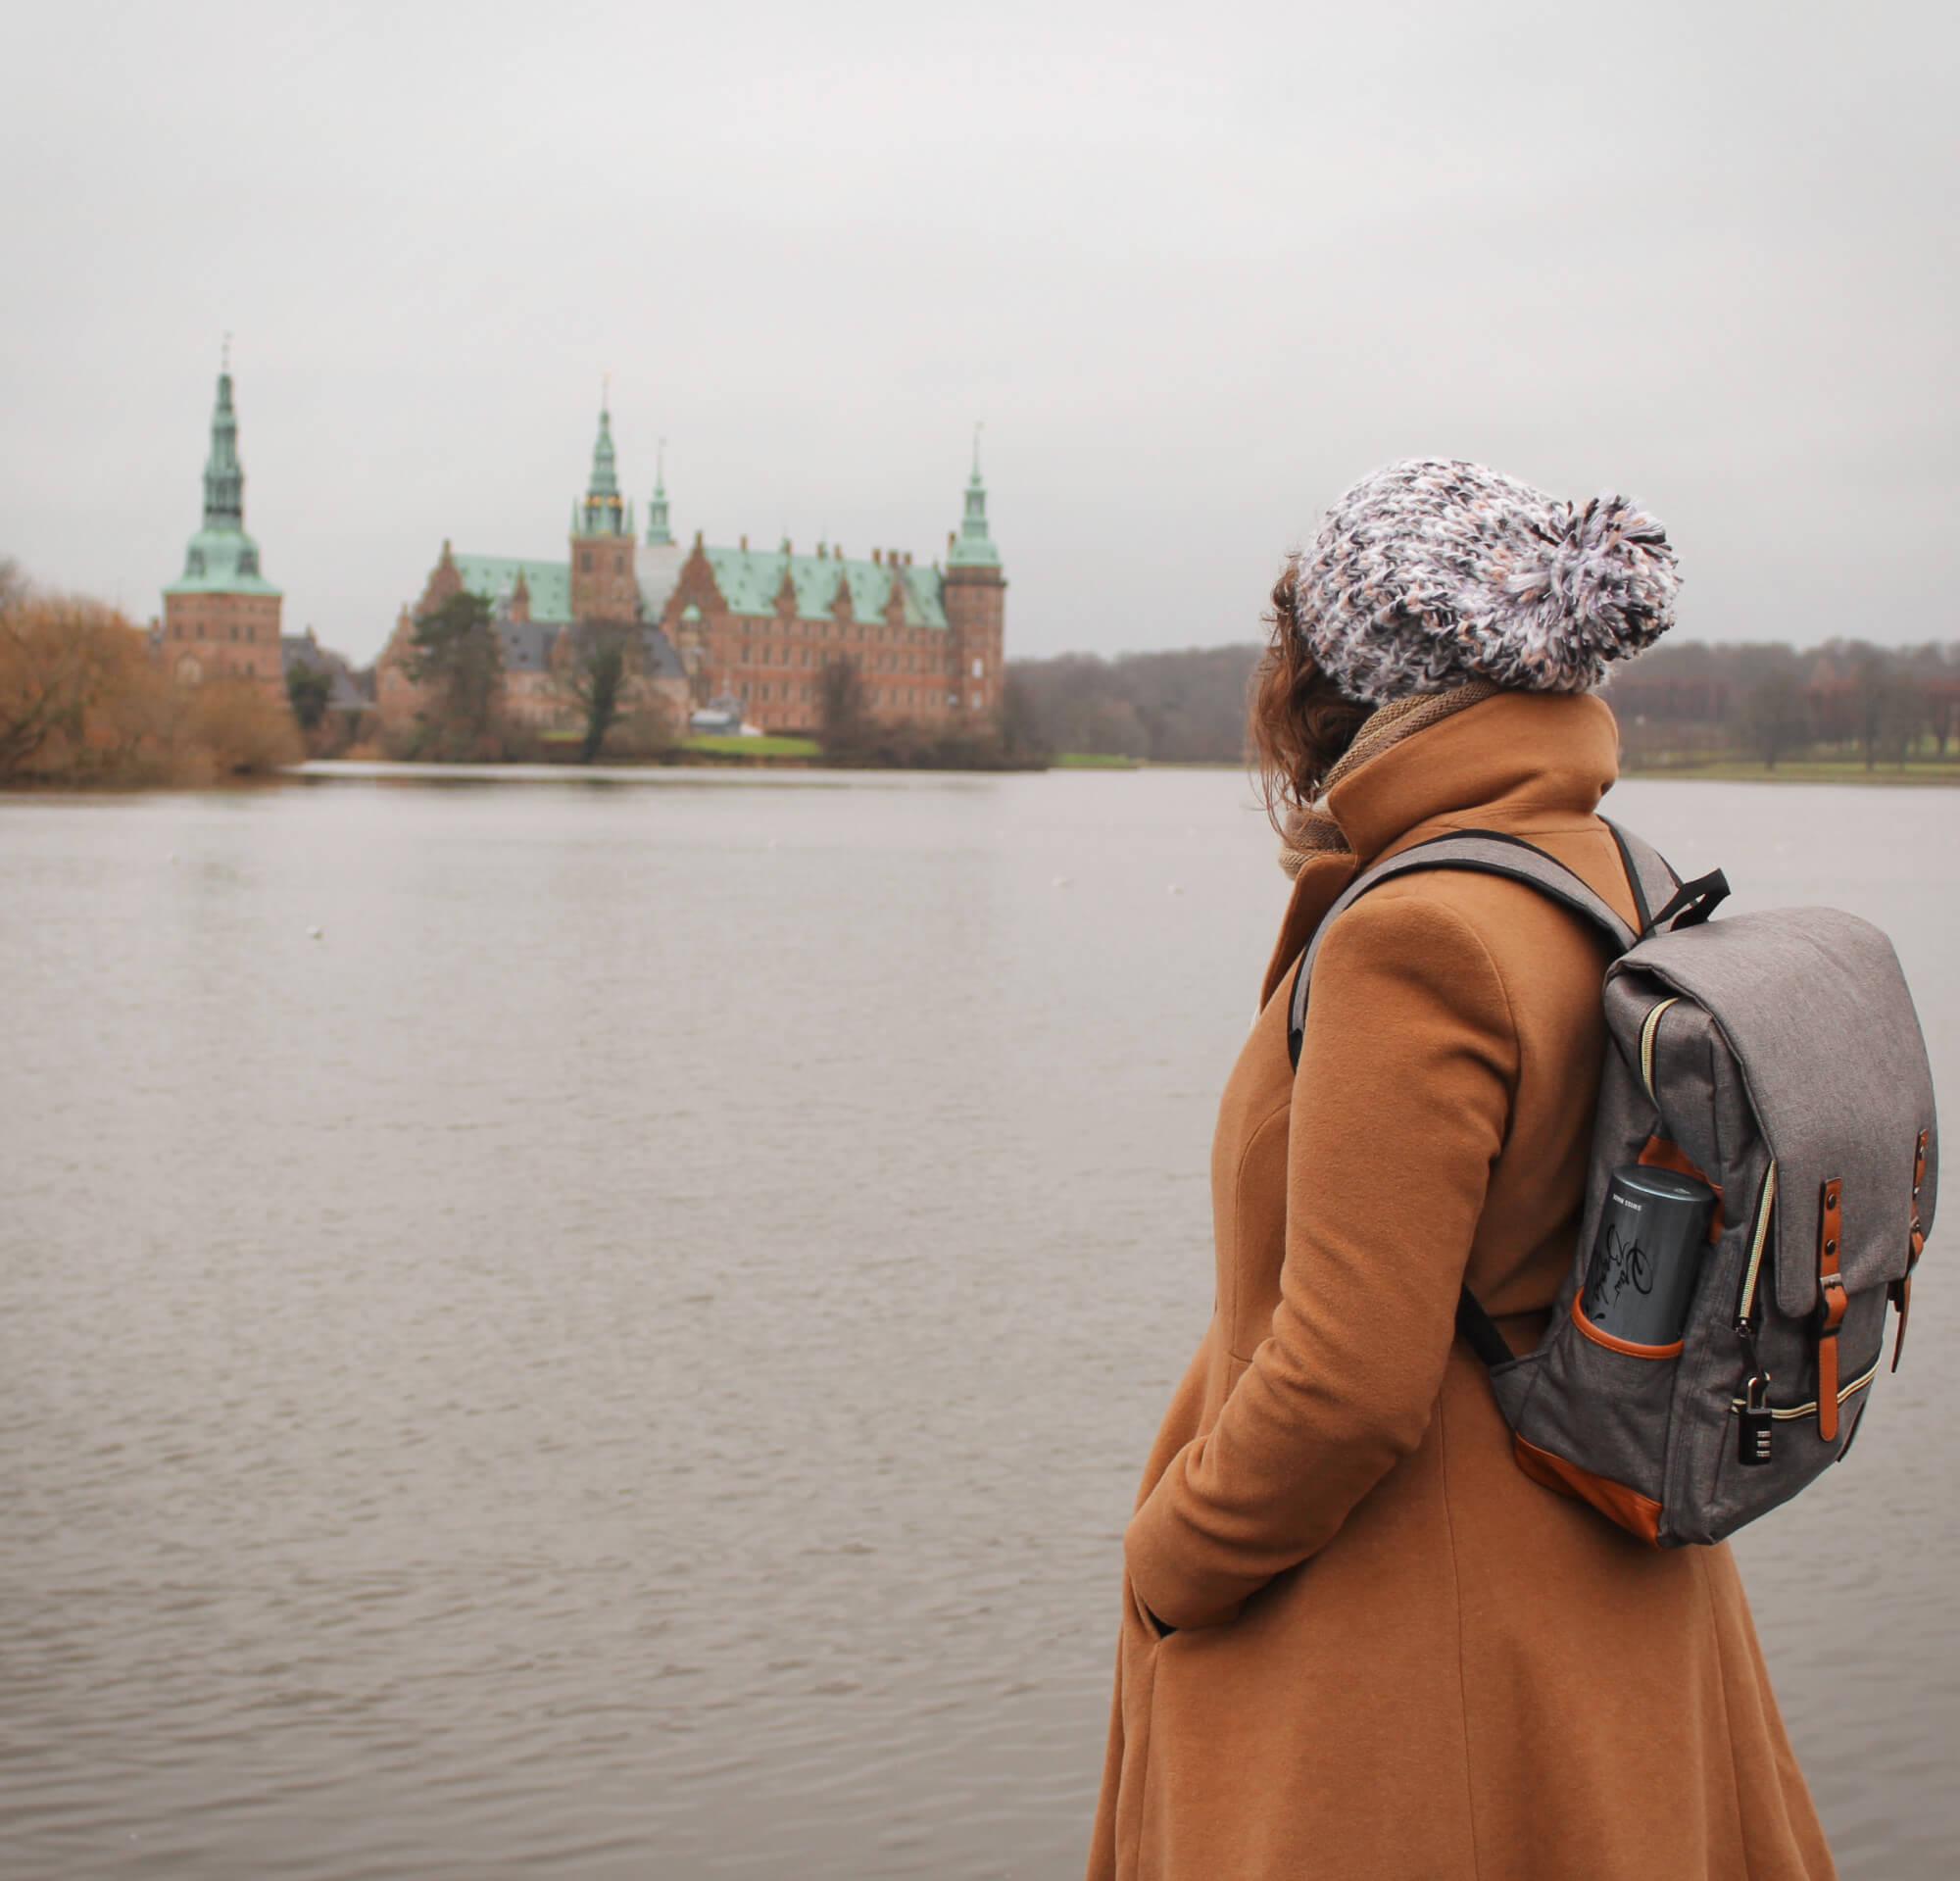 Gazing at fairytake Frederiksborg Castle outside of Copenhagen, Denmark in the winter.